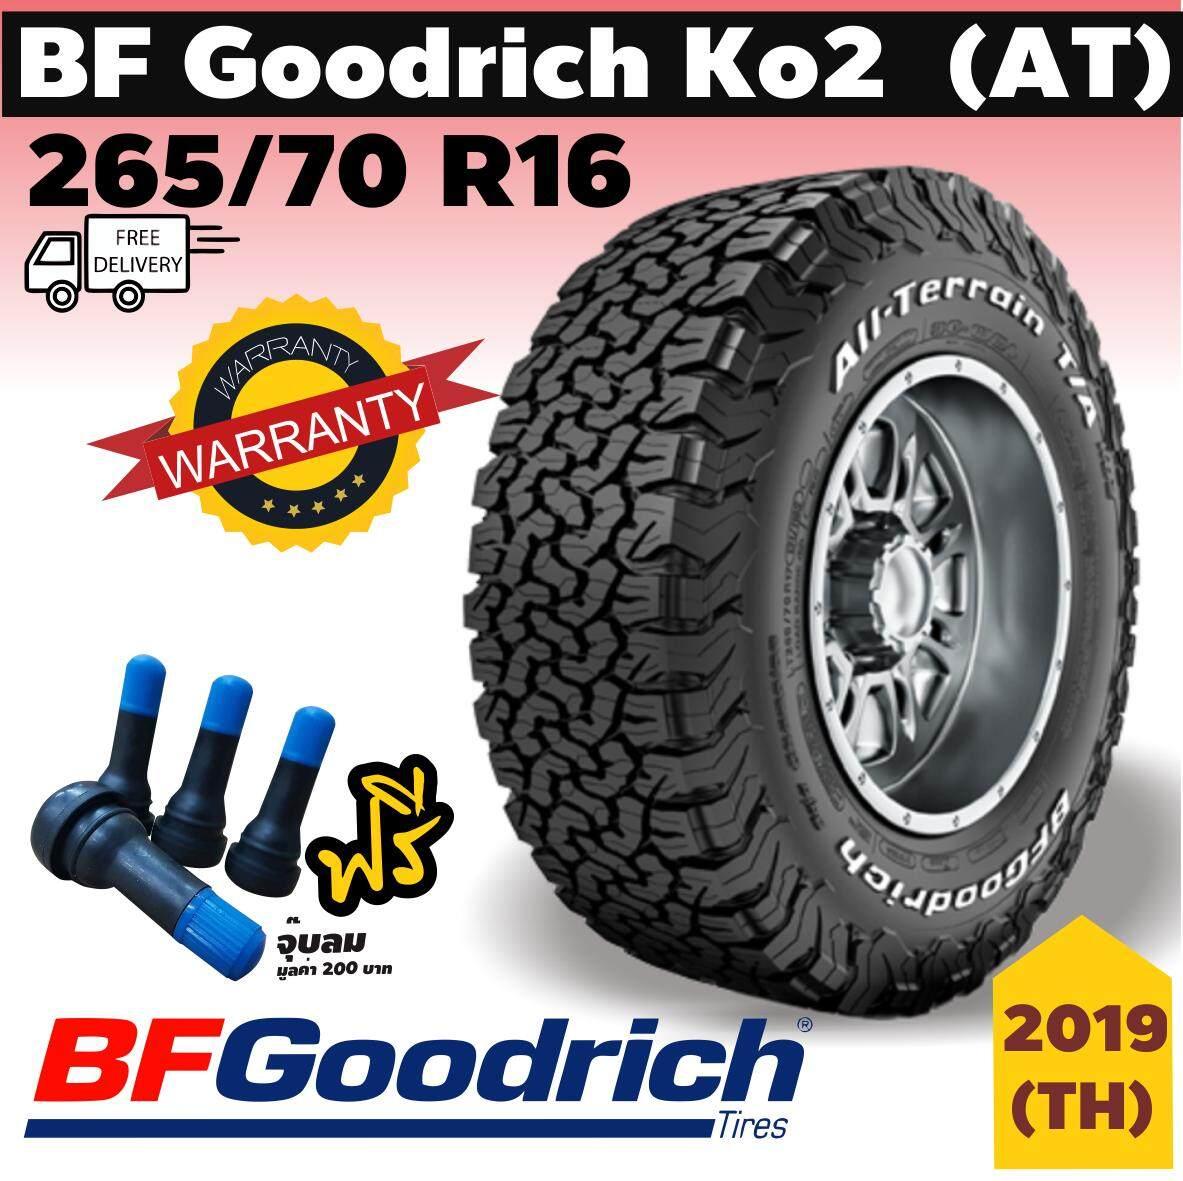 Bfgoodrich All-Terrain T/a Ko2 265/70 R16 (th และ  Usa) ปี 19  จำนวน 1 เส้น.